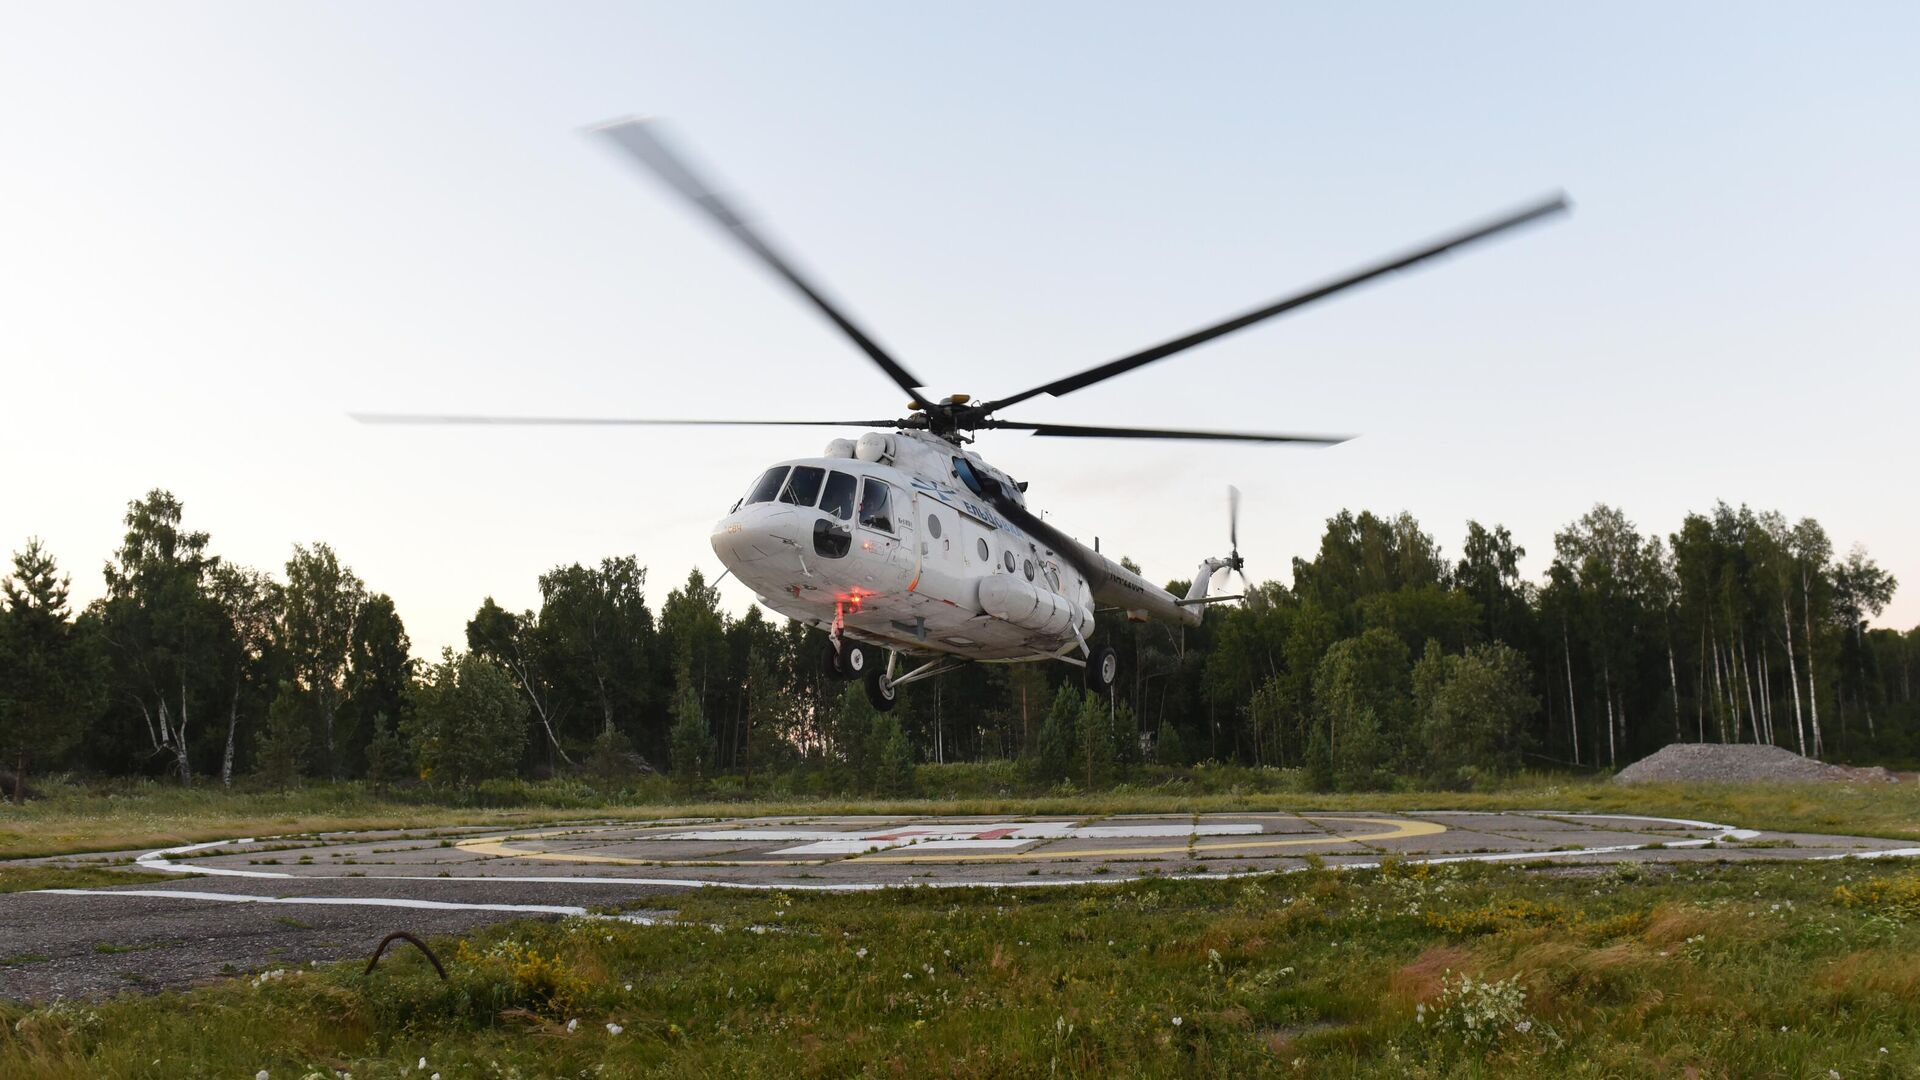 Вертолет с пассажирами на борту, эвакуированных в Томск с места жесткой посадки самолета Ан-28 Сибирской легкой авиации в Томской области - РИА Новости, 1920, 17.07.2021